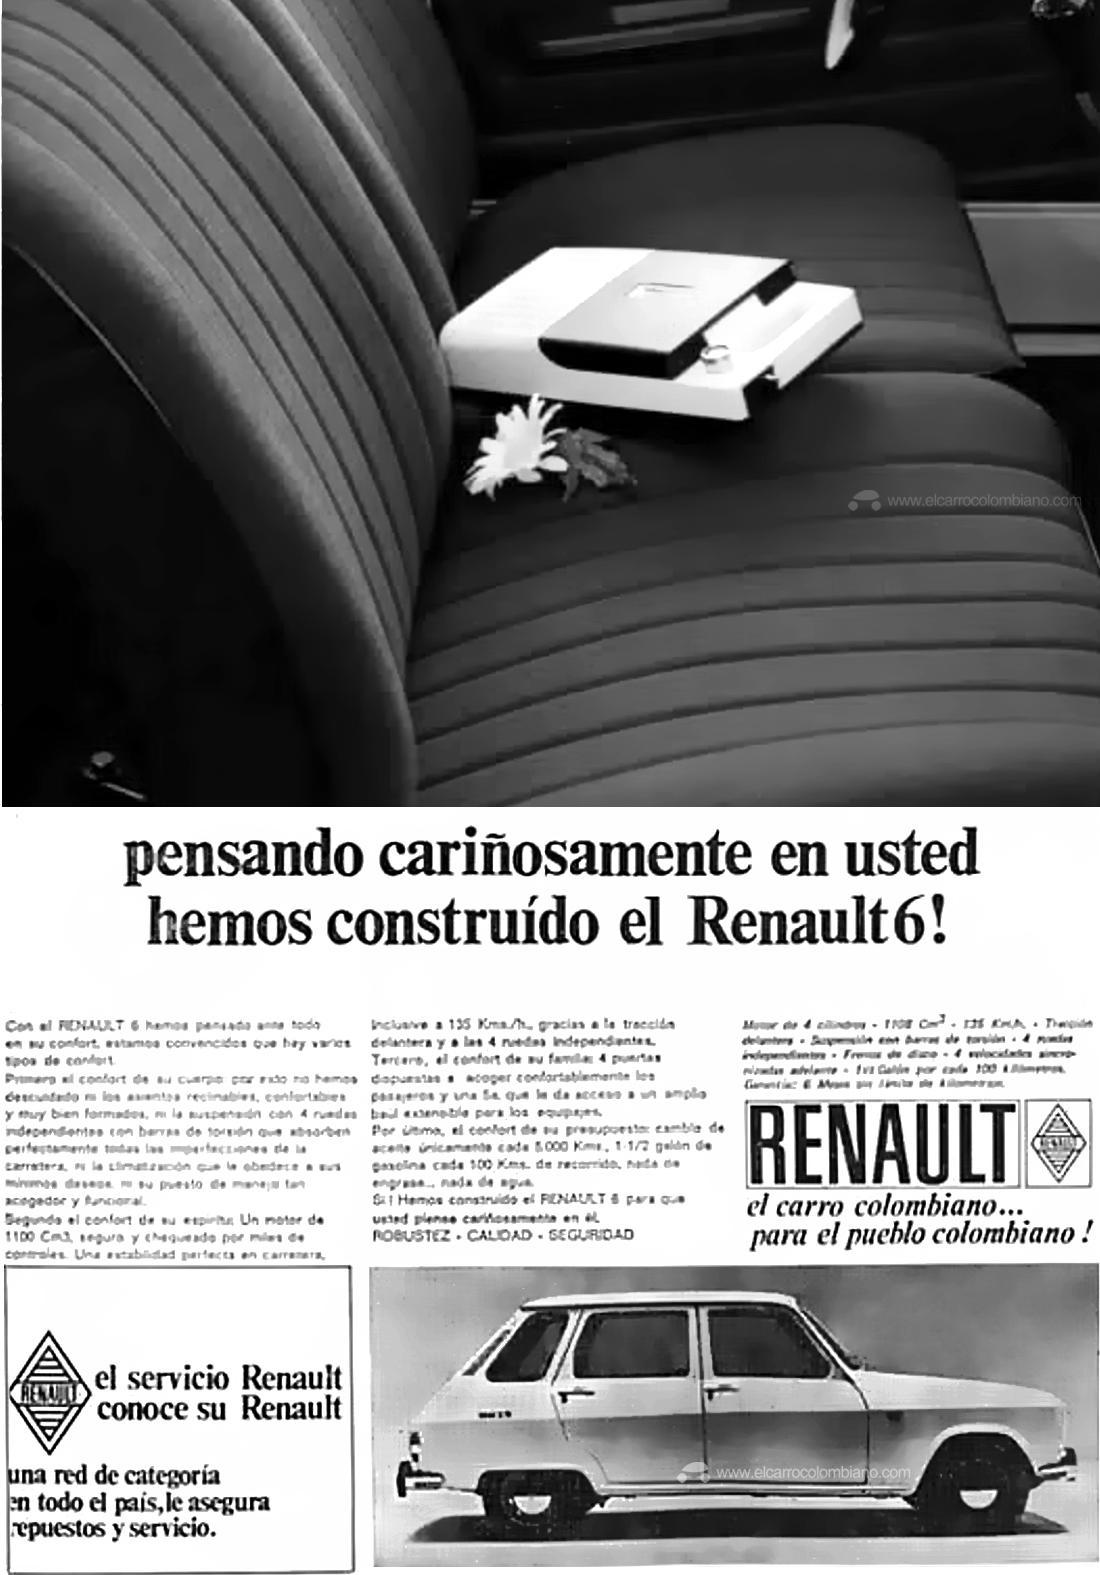 renault 6, renault 6 colombia, renault 6 historia en colombia, renault 6 lanzamiento en colombia, renault 6 publicidad, renault 6 publicite, renault 6 1970, renault 6 1971, renault 6 colombia 1971, publicidad de 1971, publicidad antigua en colombia, publicidad antigua de autos, publicidad antigua de carros en colombia, primeros renault en colombia